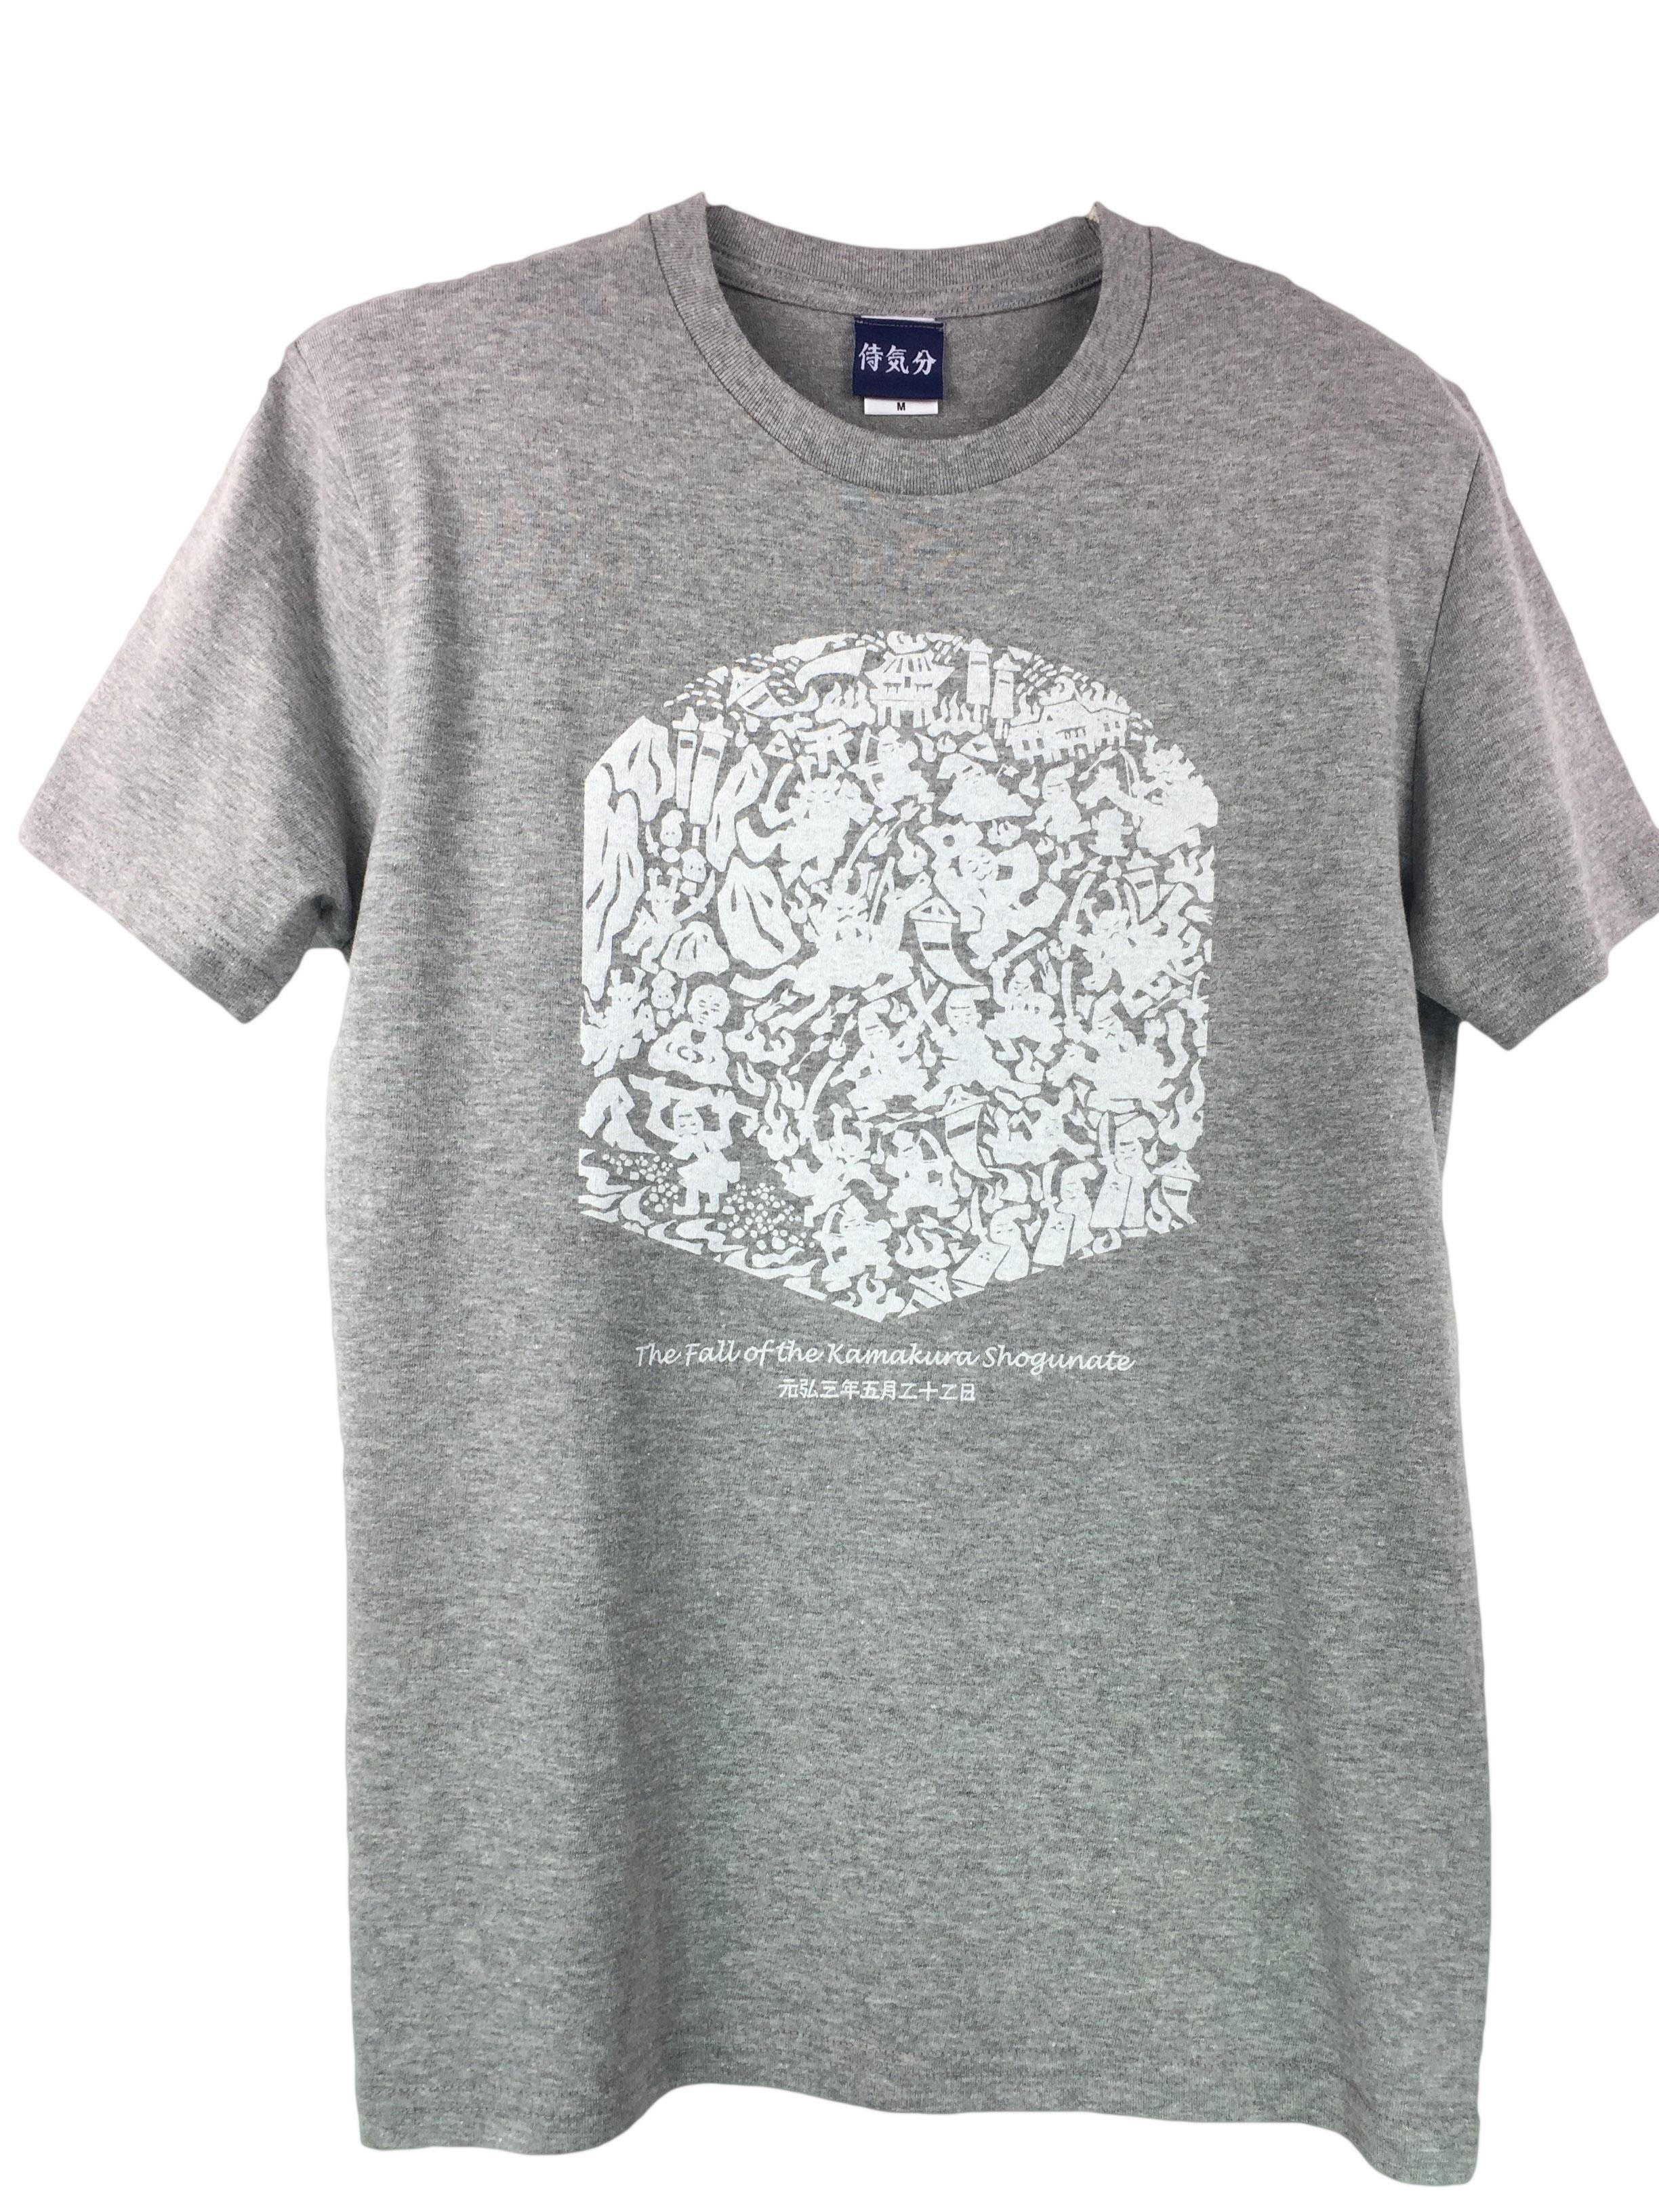 鎌倉幕府滅亡Tシャツ